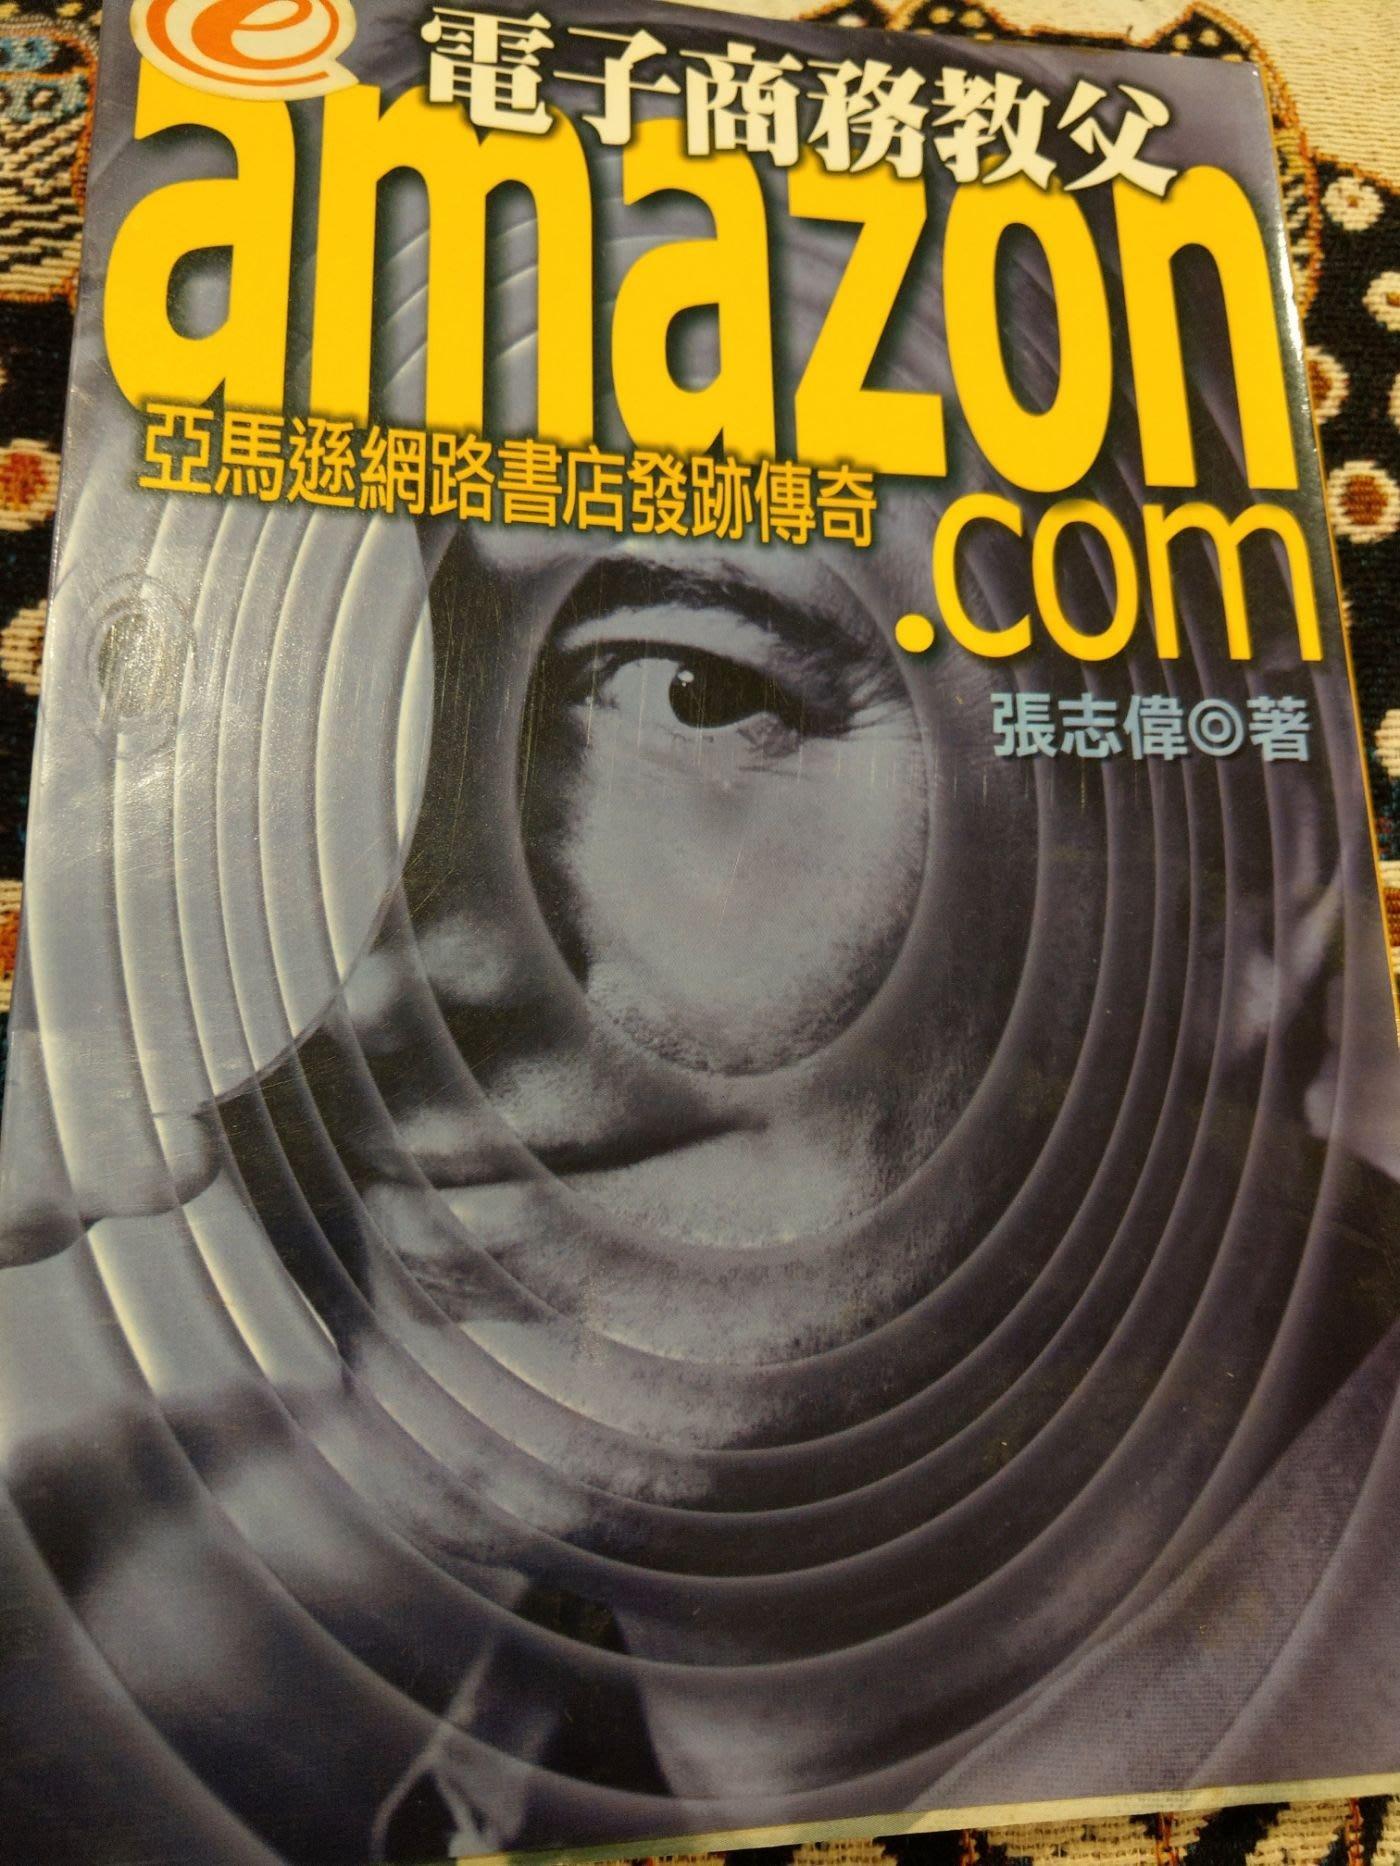 電子商務教父 亞馬遜網路書店發跡傳奇 amazon.com